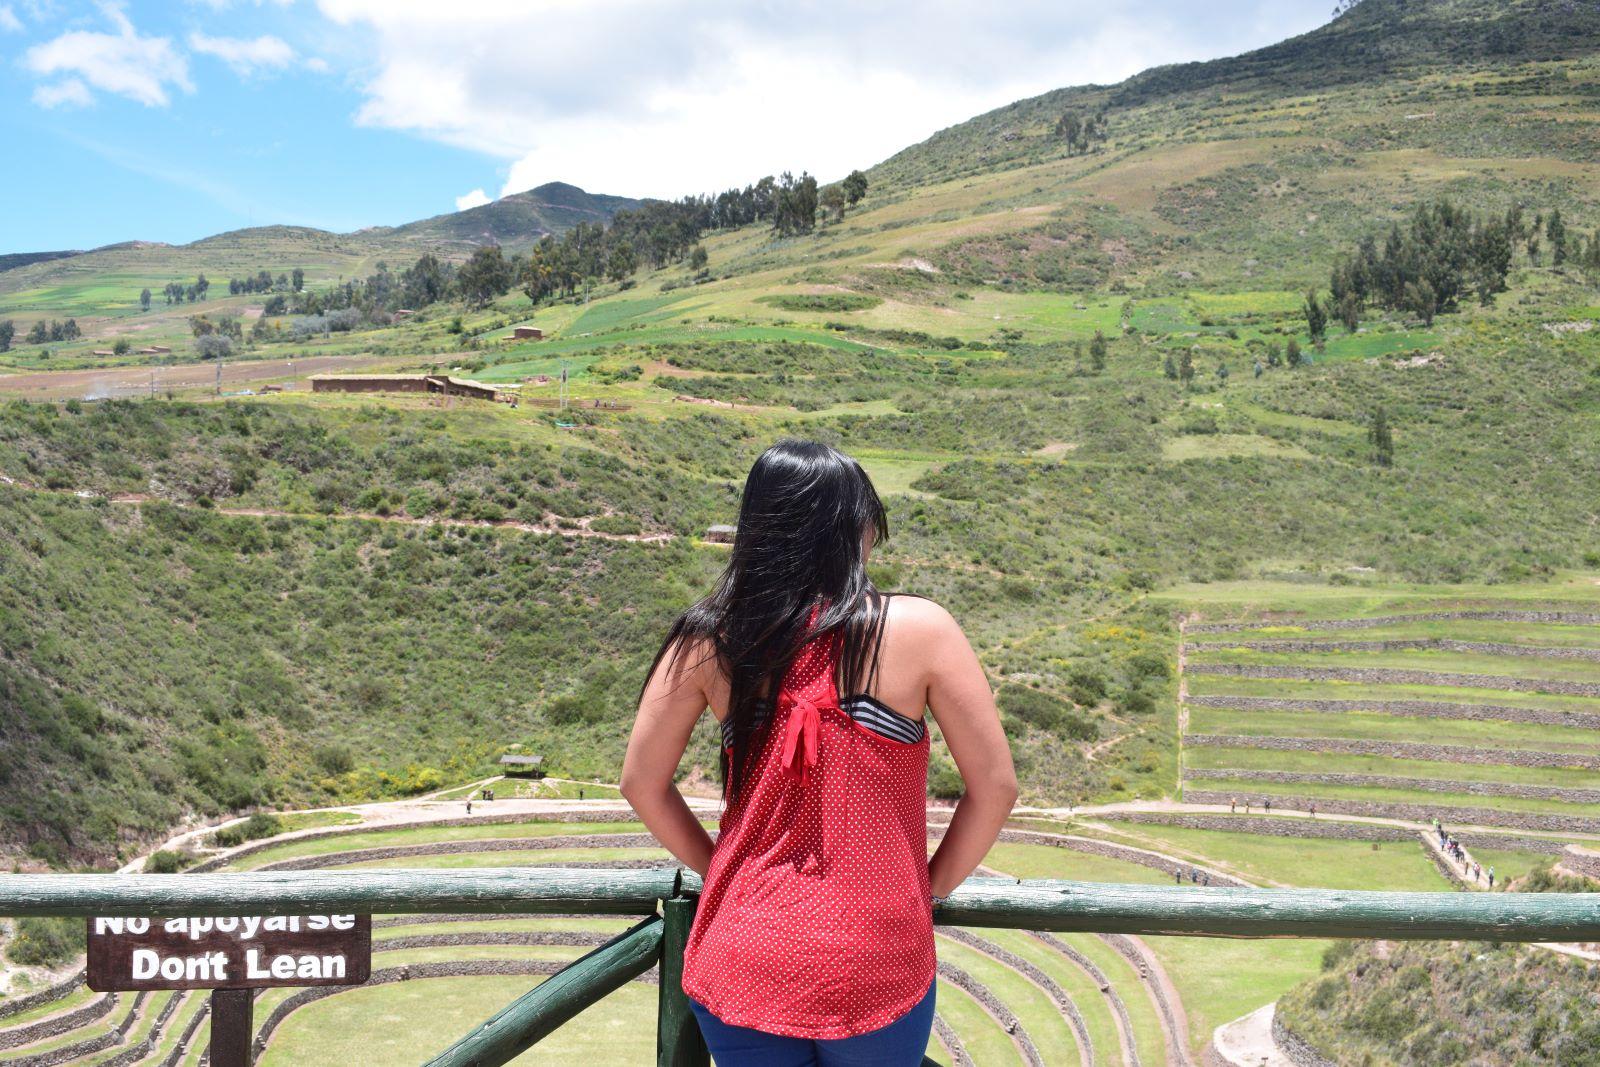 mulher de costas em sitio arqueologico da agricultura inca de escadarias